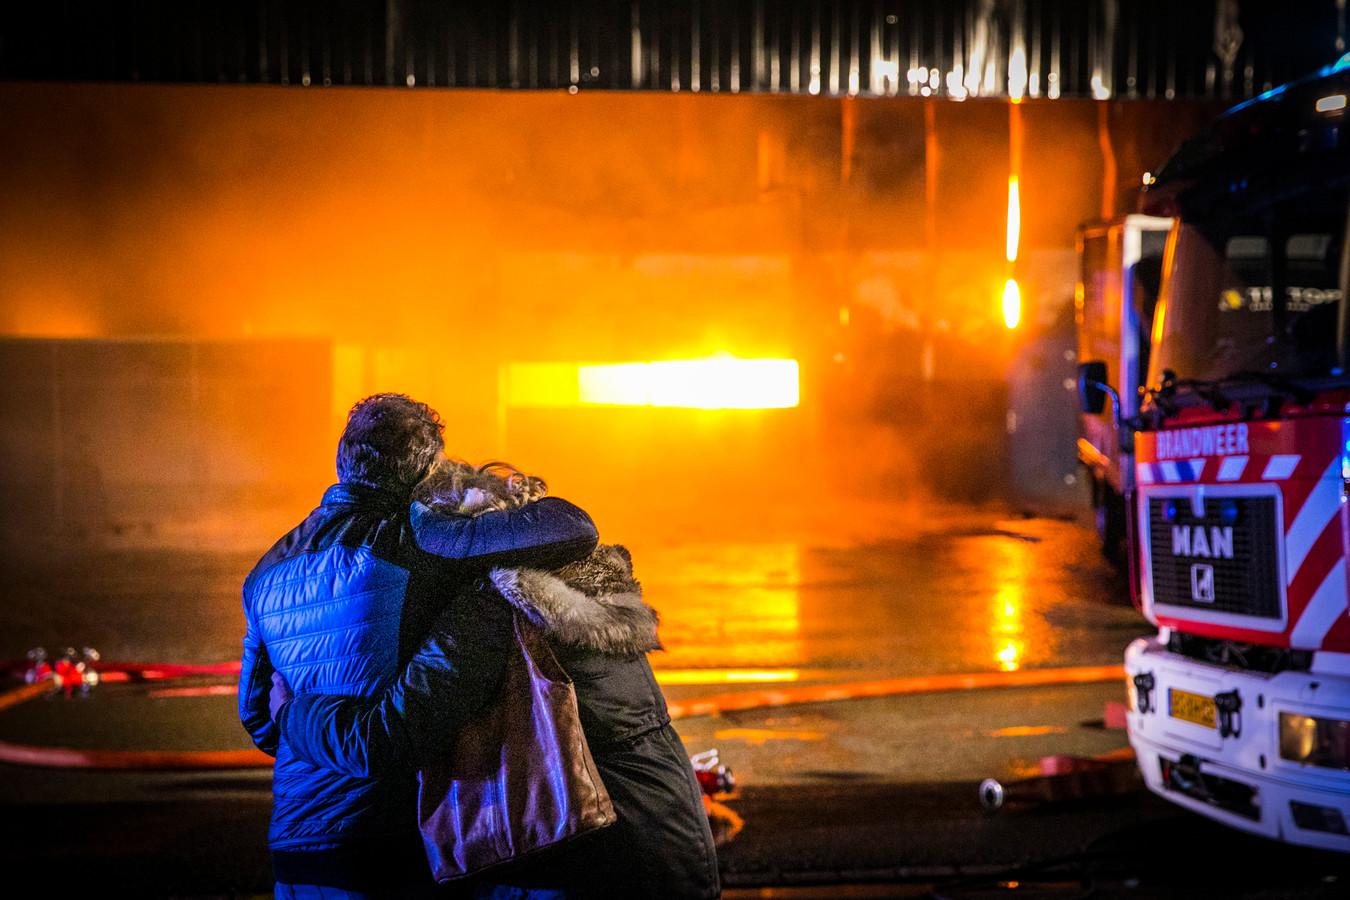 Medewerkers van het bedrijf kijken verslagen naar de vuurzee.